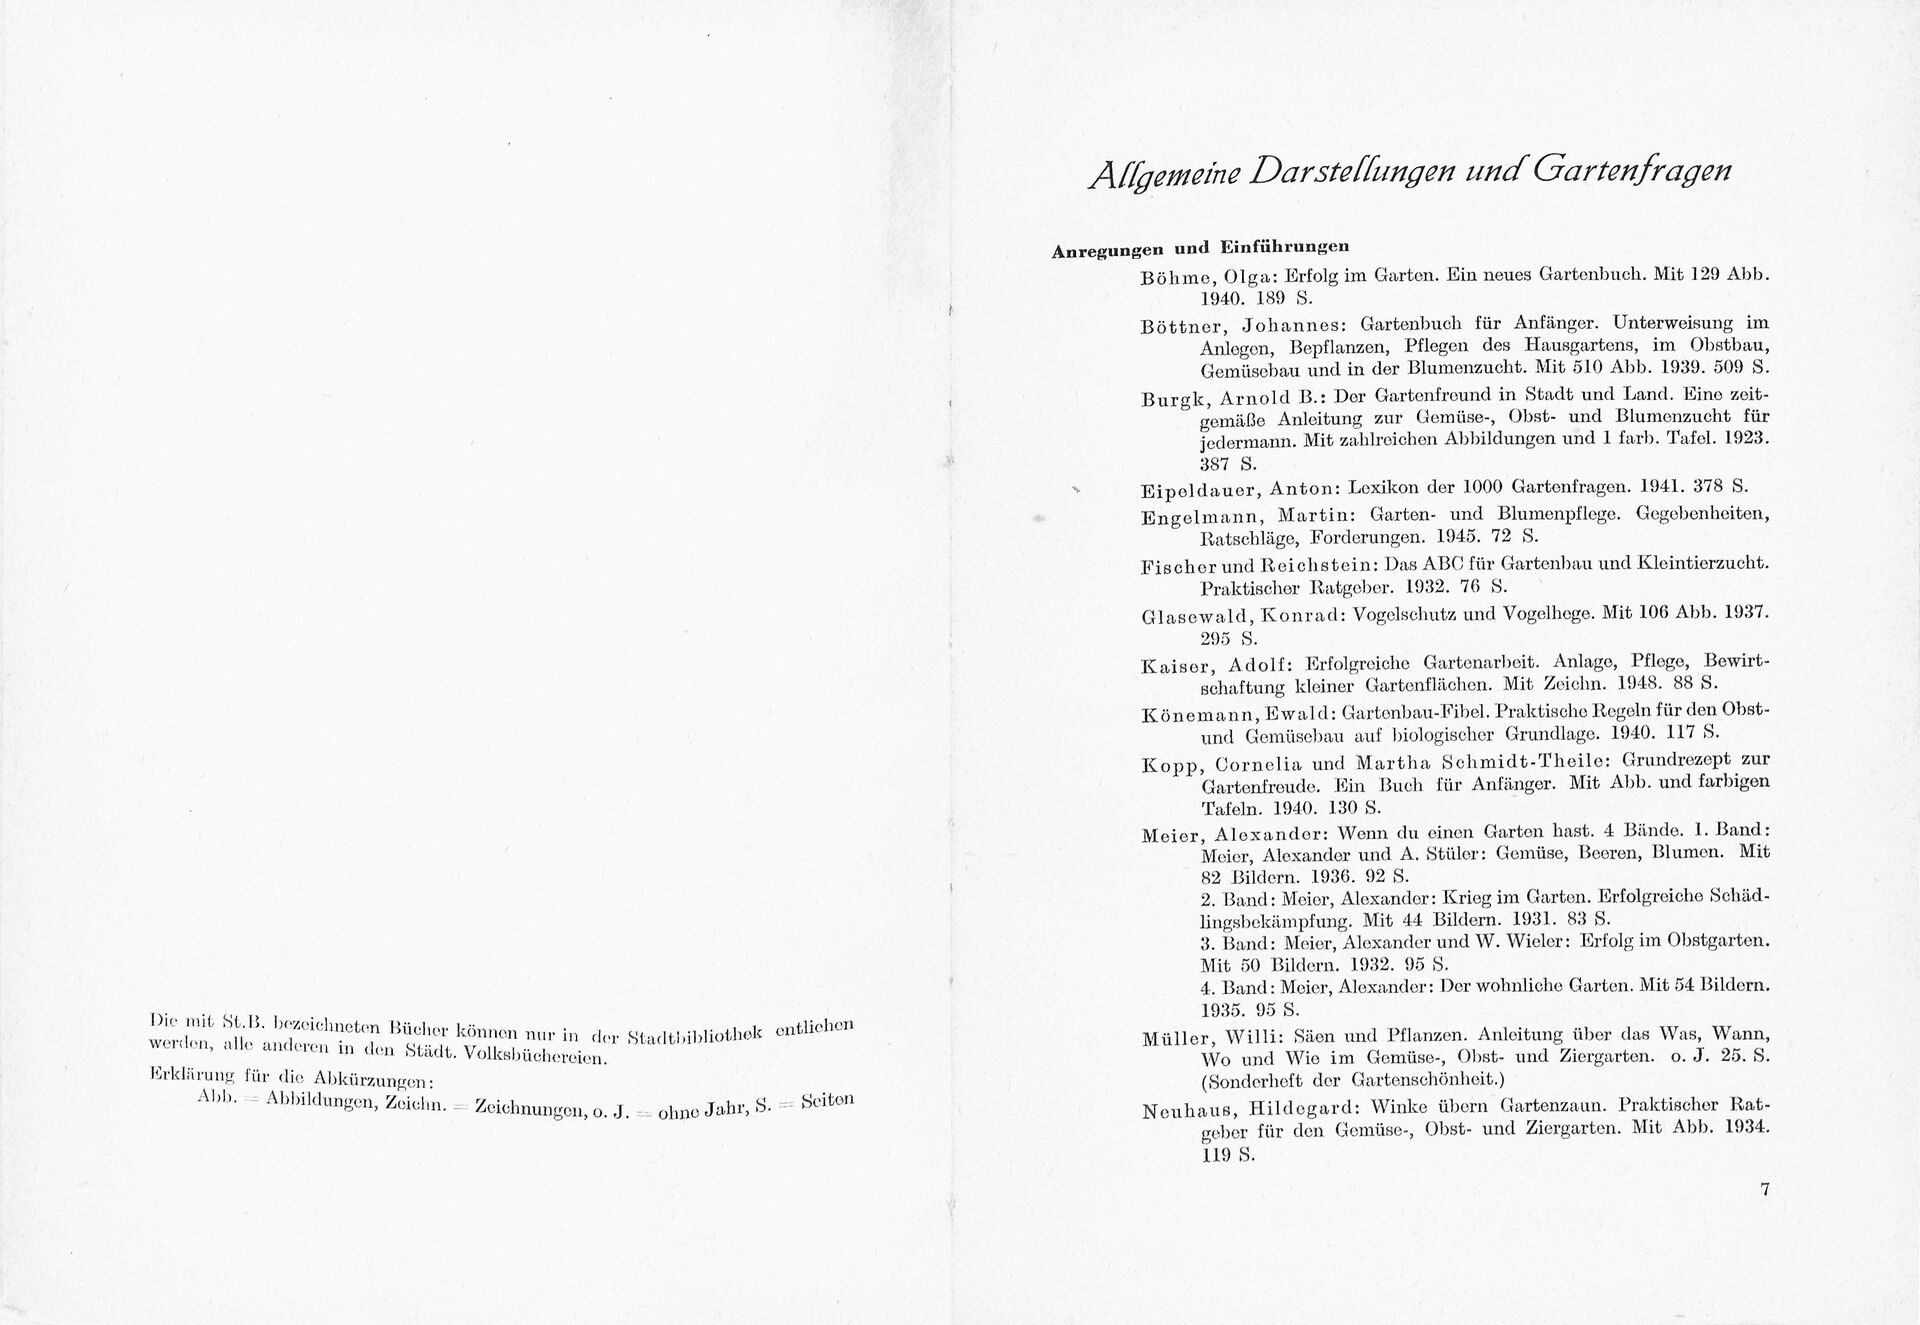 Auswahlverzeichnis.12.6.7.jpg